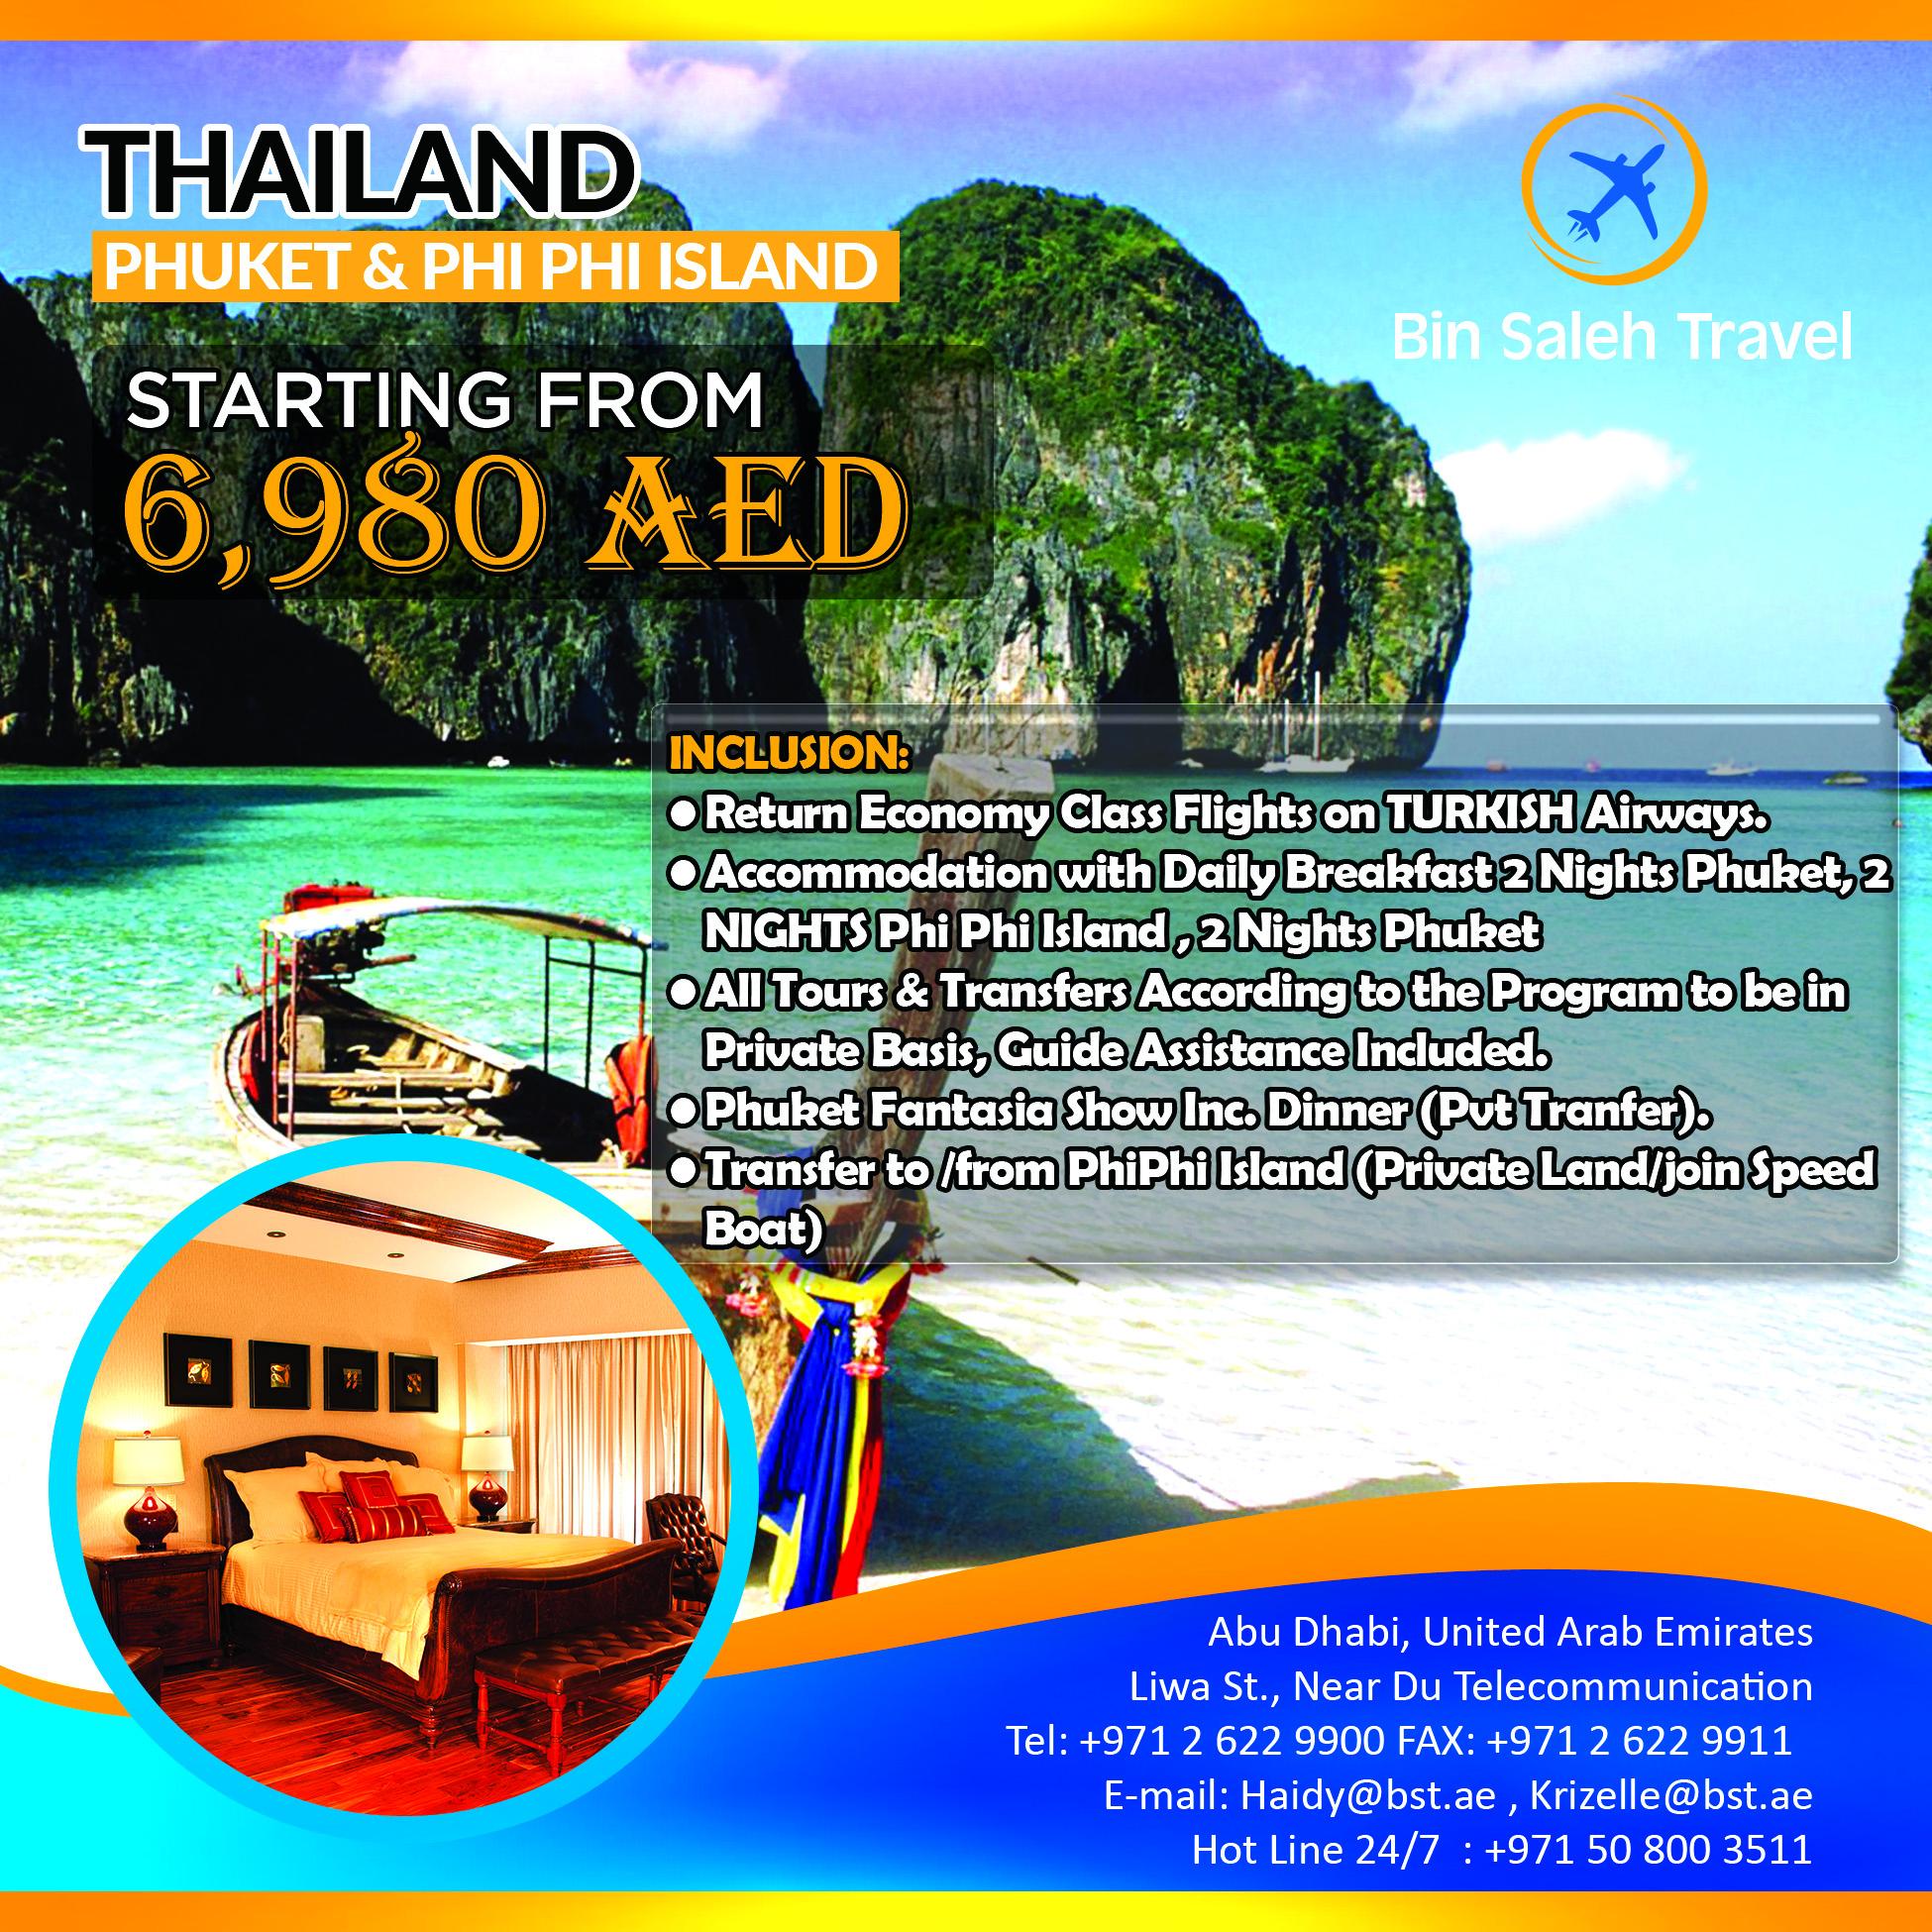 PHI PHI & PHUKET, THAILAND